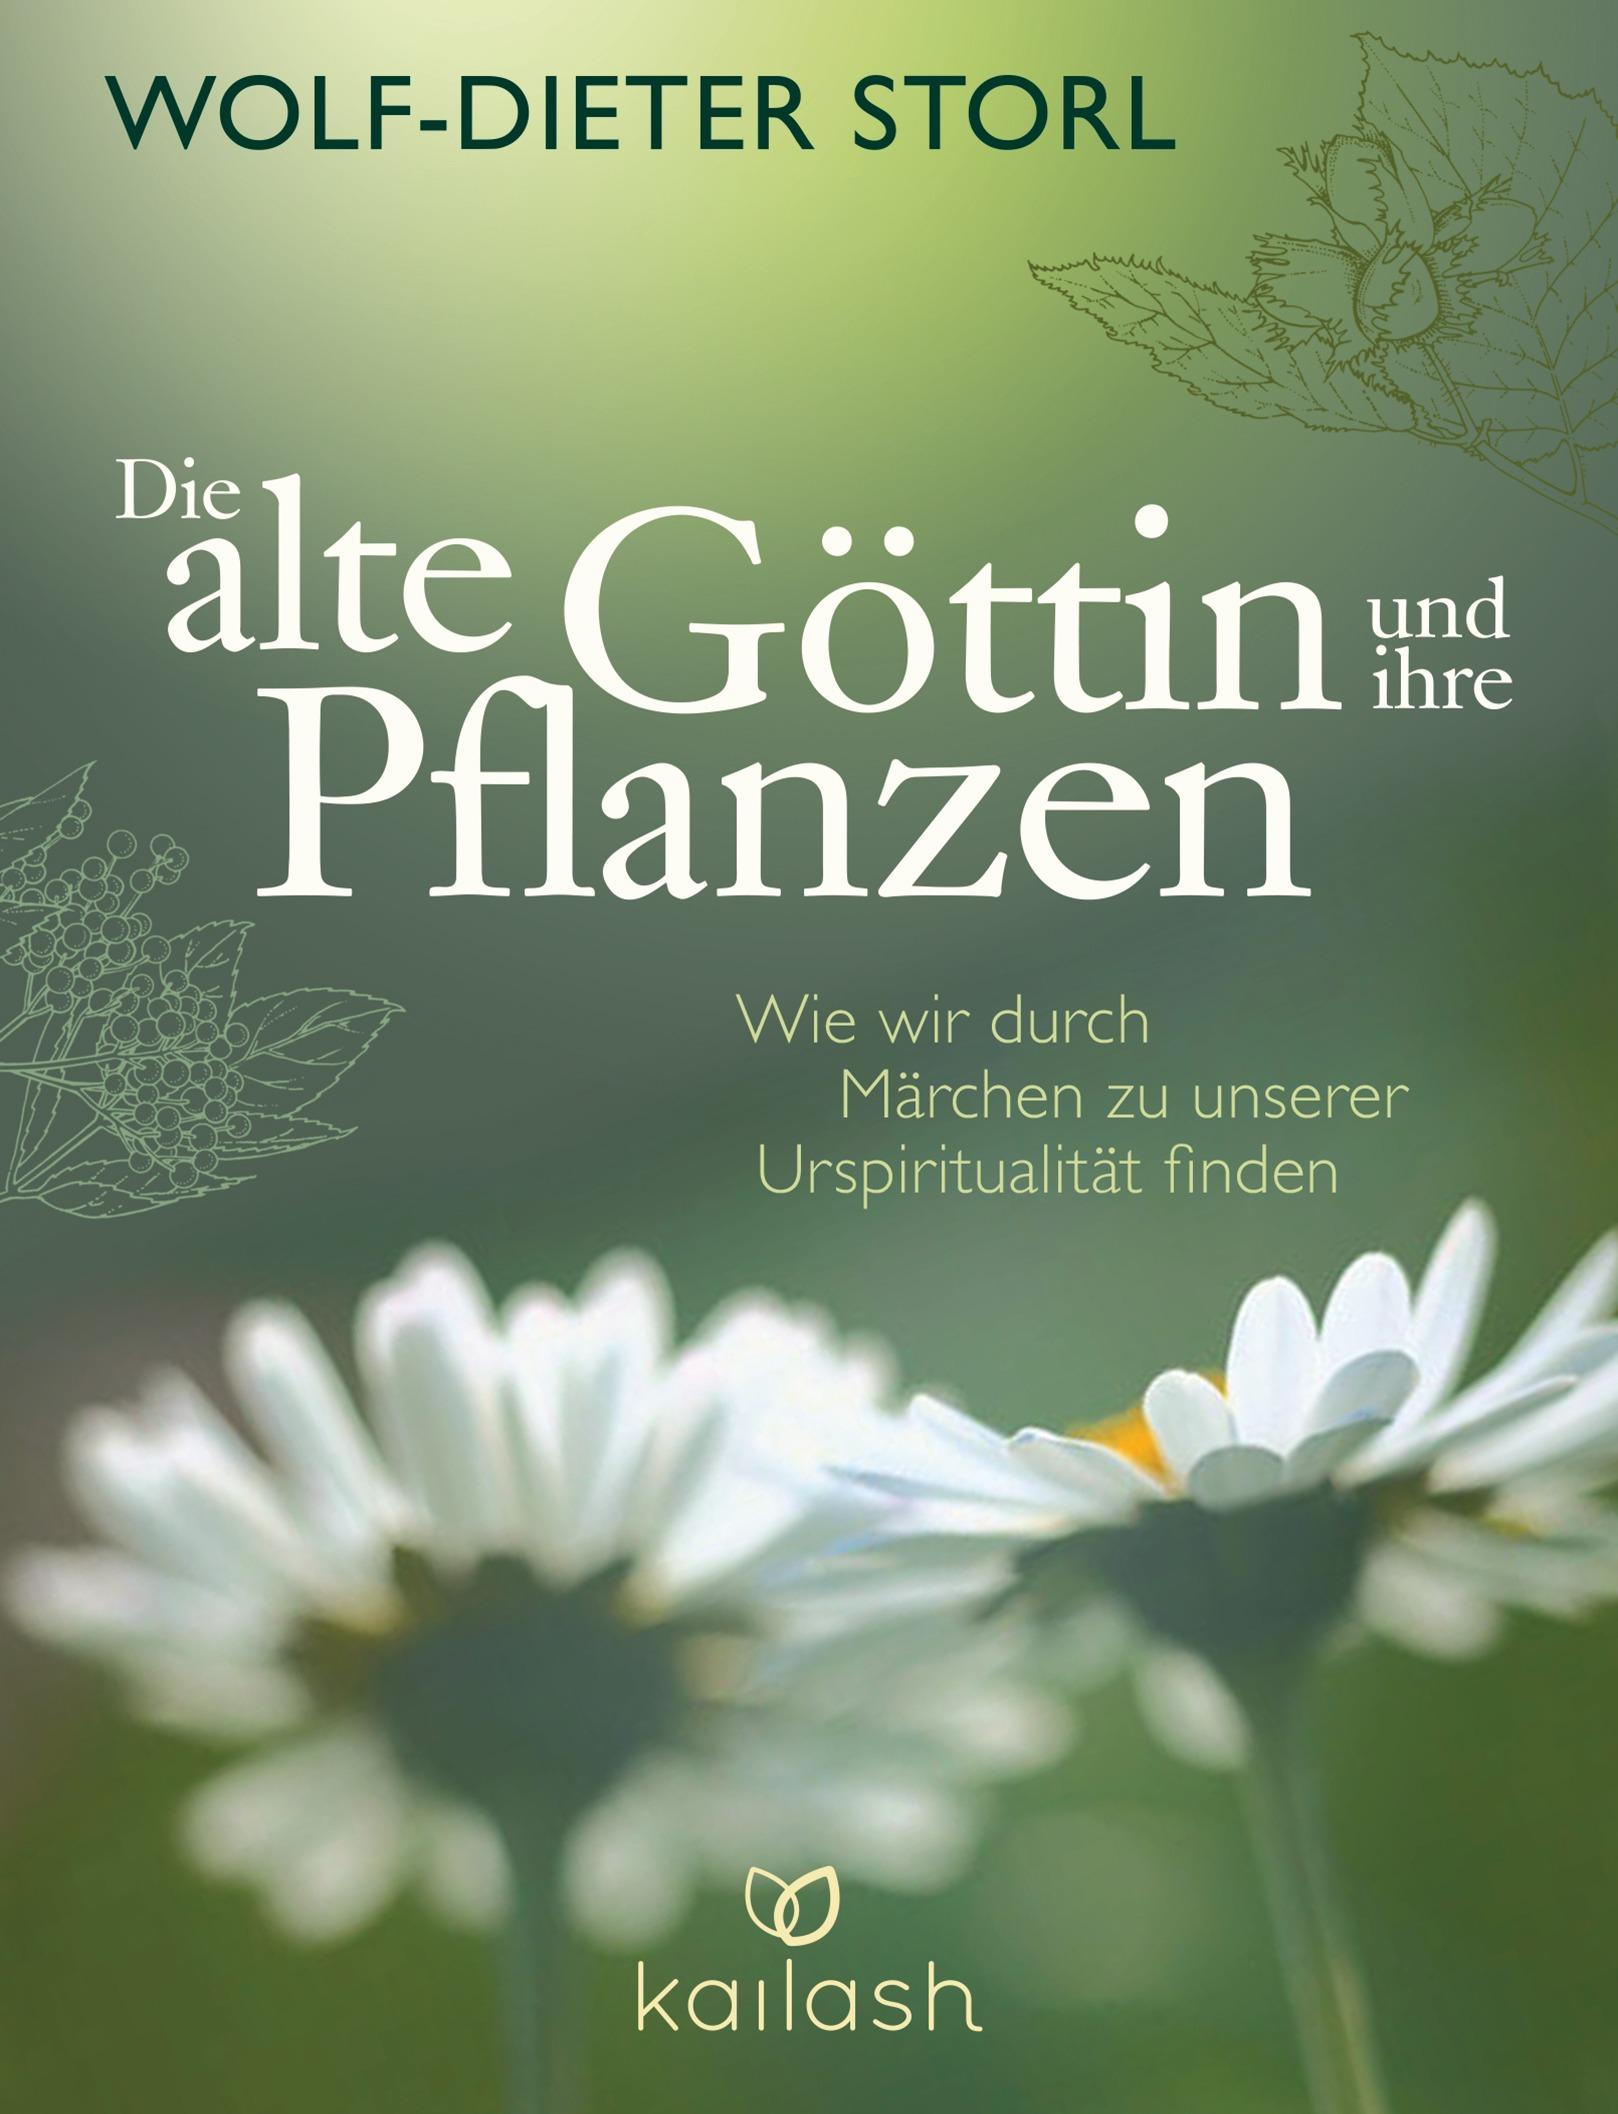 Die alte Göttin und ihre Pflanzen: Wie wir durc...